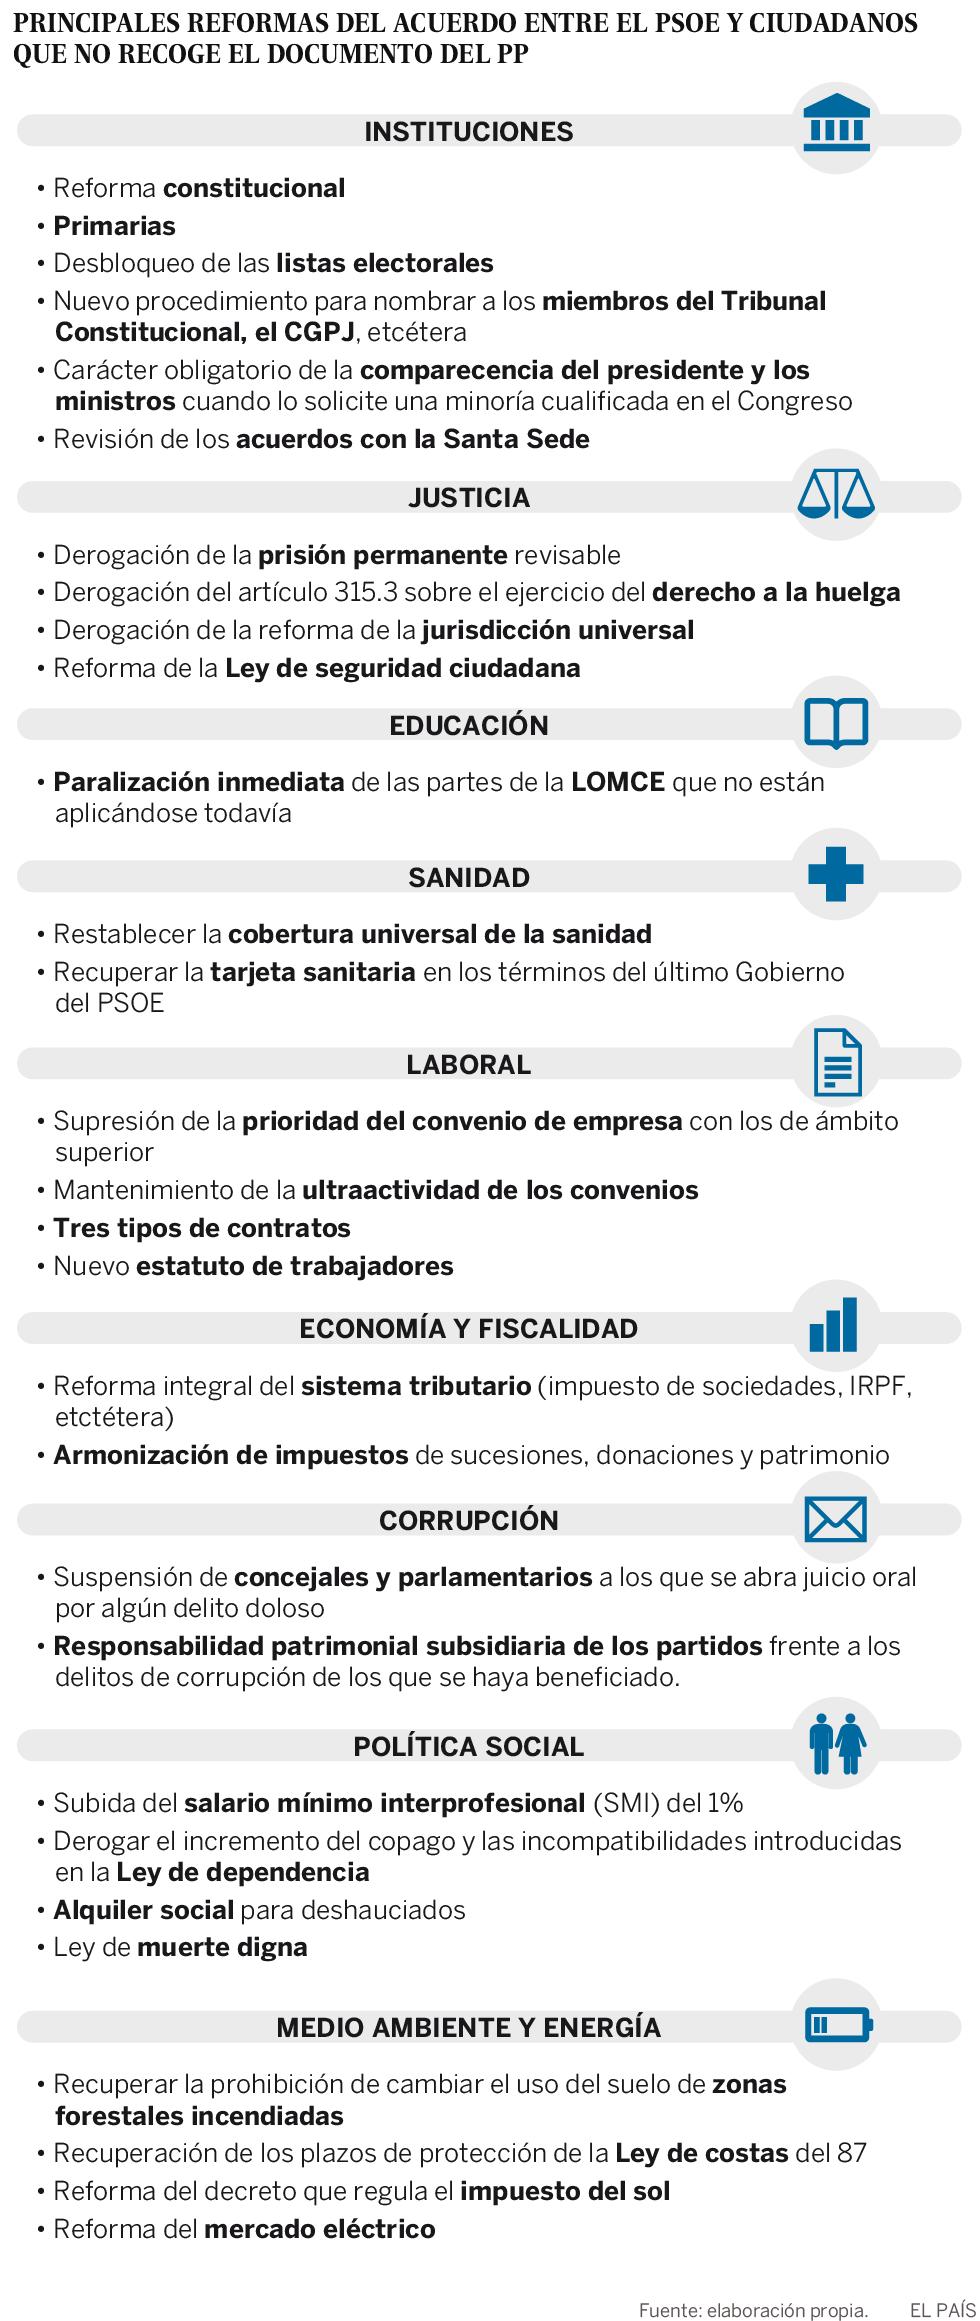 La oferta de Rajoy no recoge ninguna cesión de calado